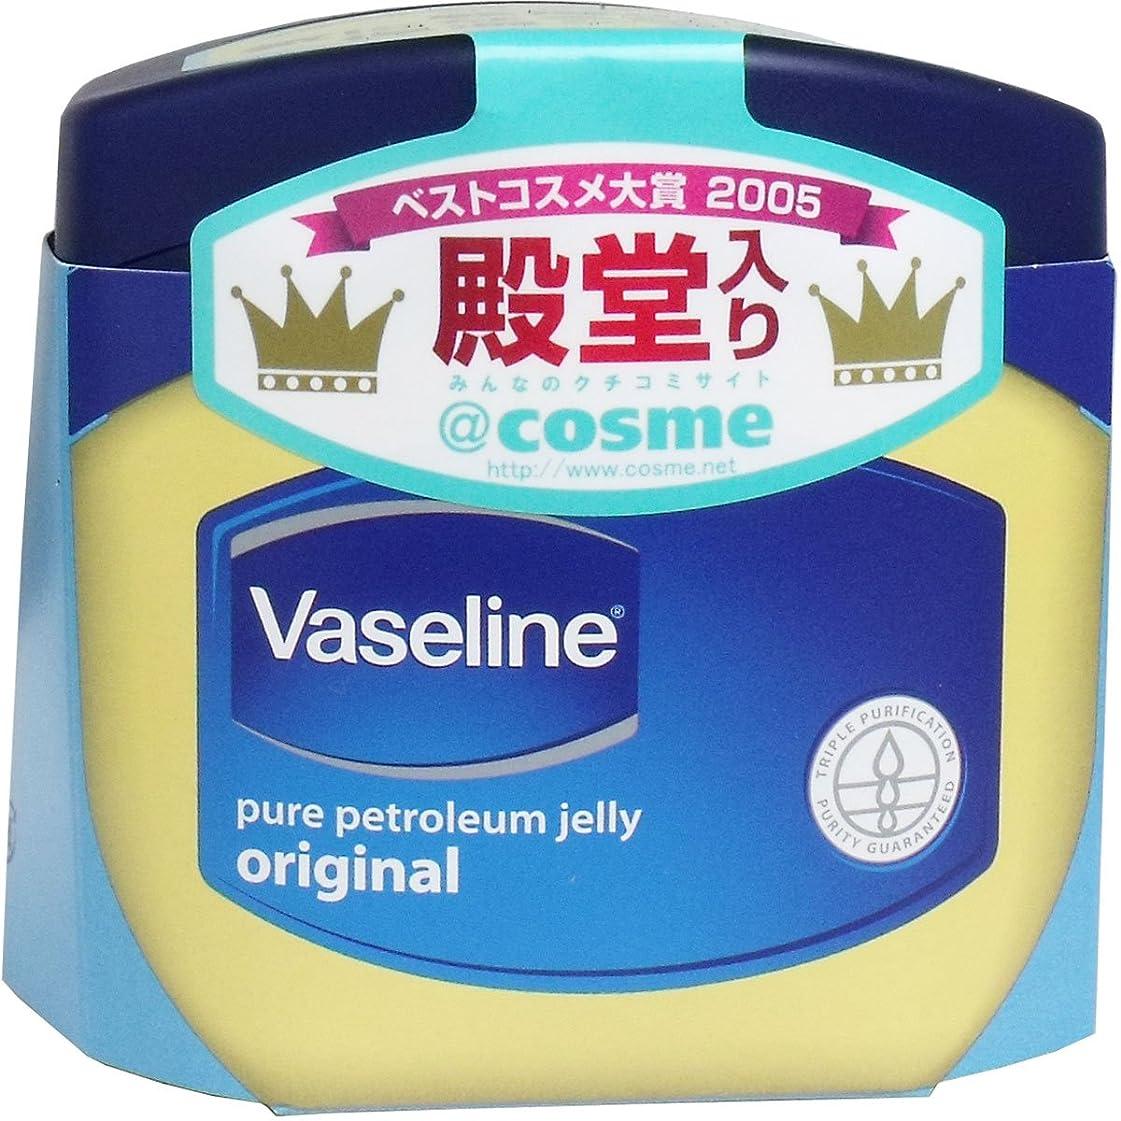 助言する含む柱【Vaseline】ヴァセリン ピュアスキンジェリー (スキンオイル) 200g ×5個セット